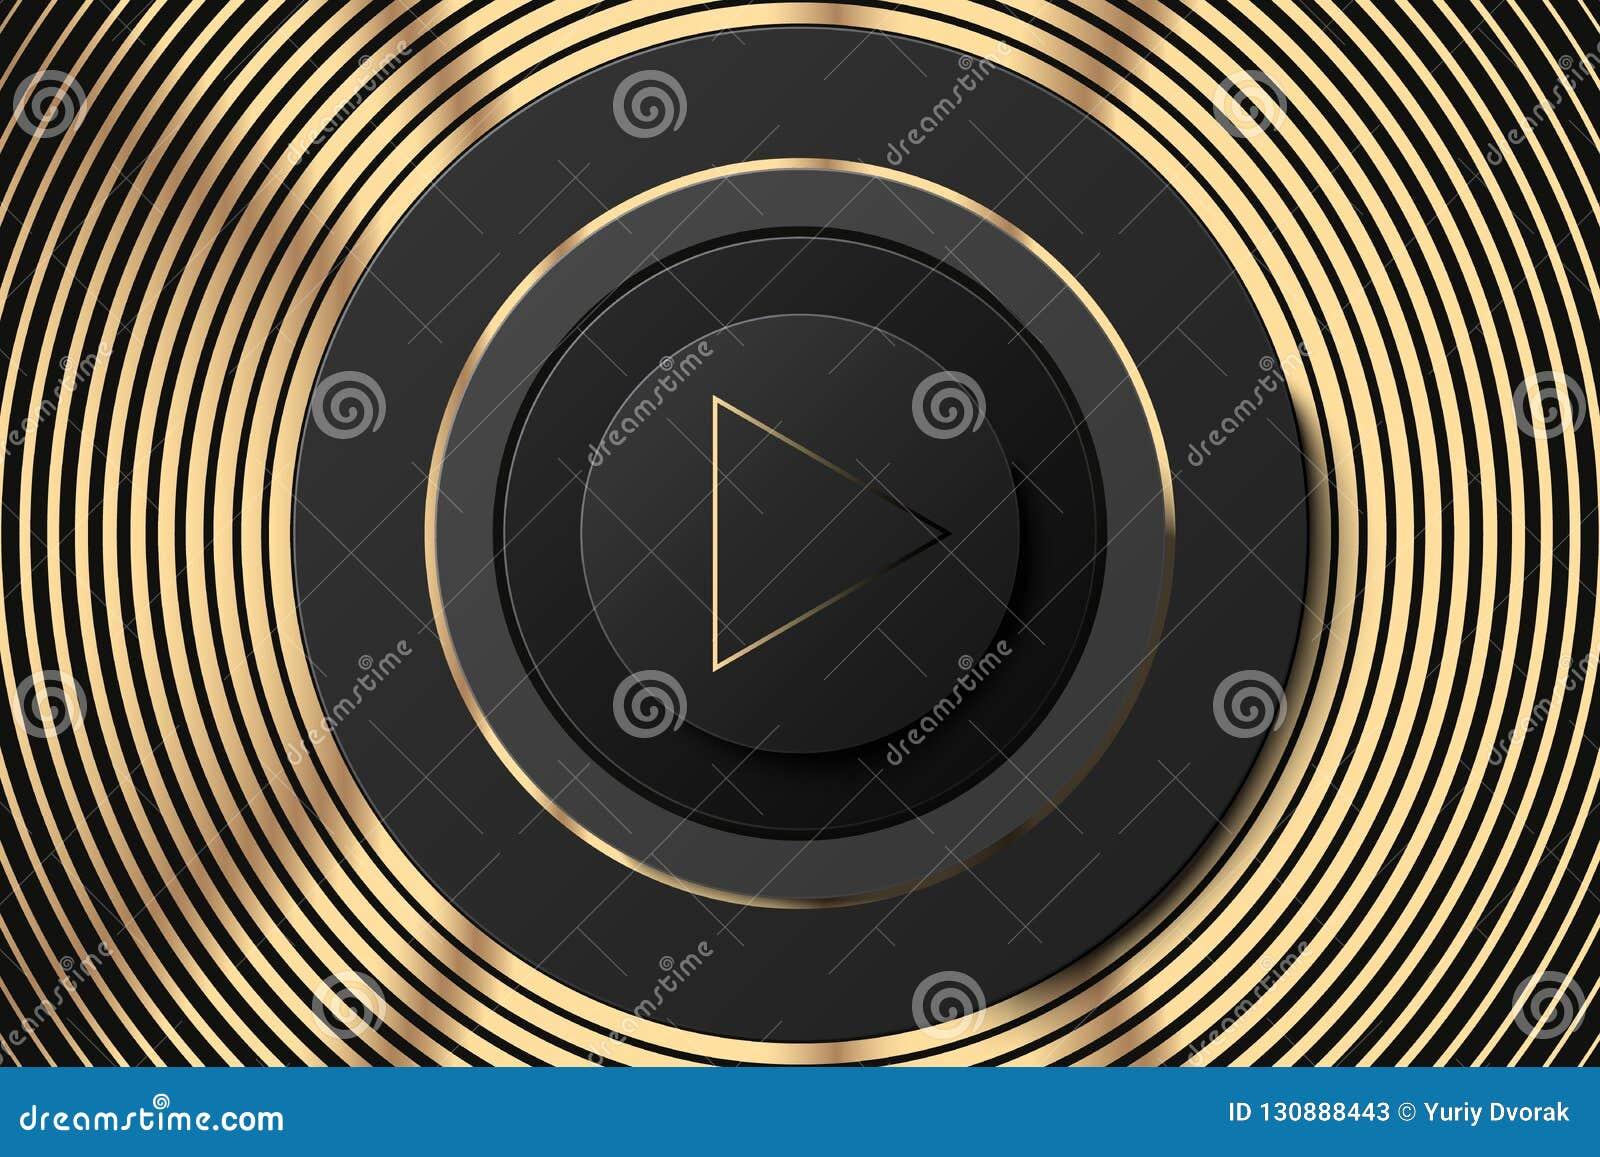 Ícone escuro do círculo do vetor com botão do jogo Preto e ilustração do orador do ouro Fundo dourado preto da música